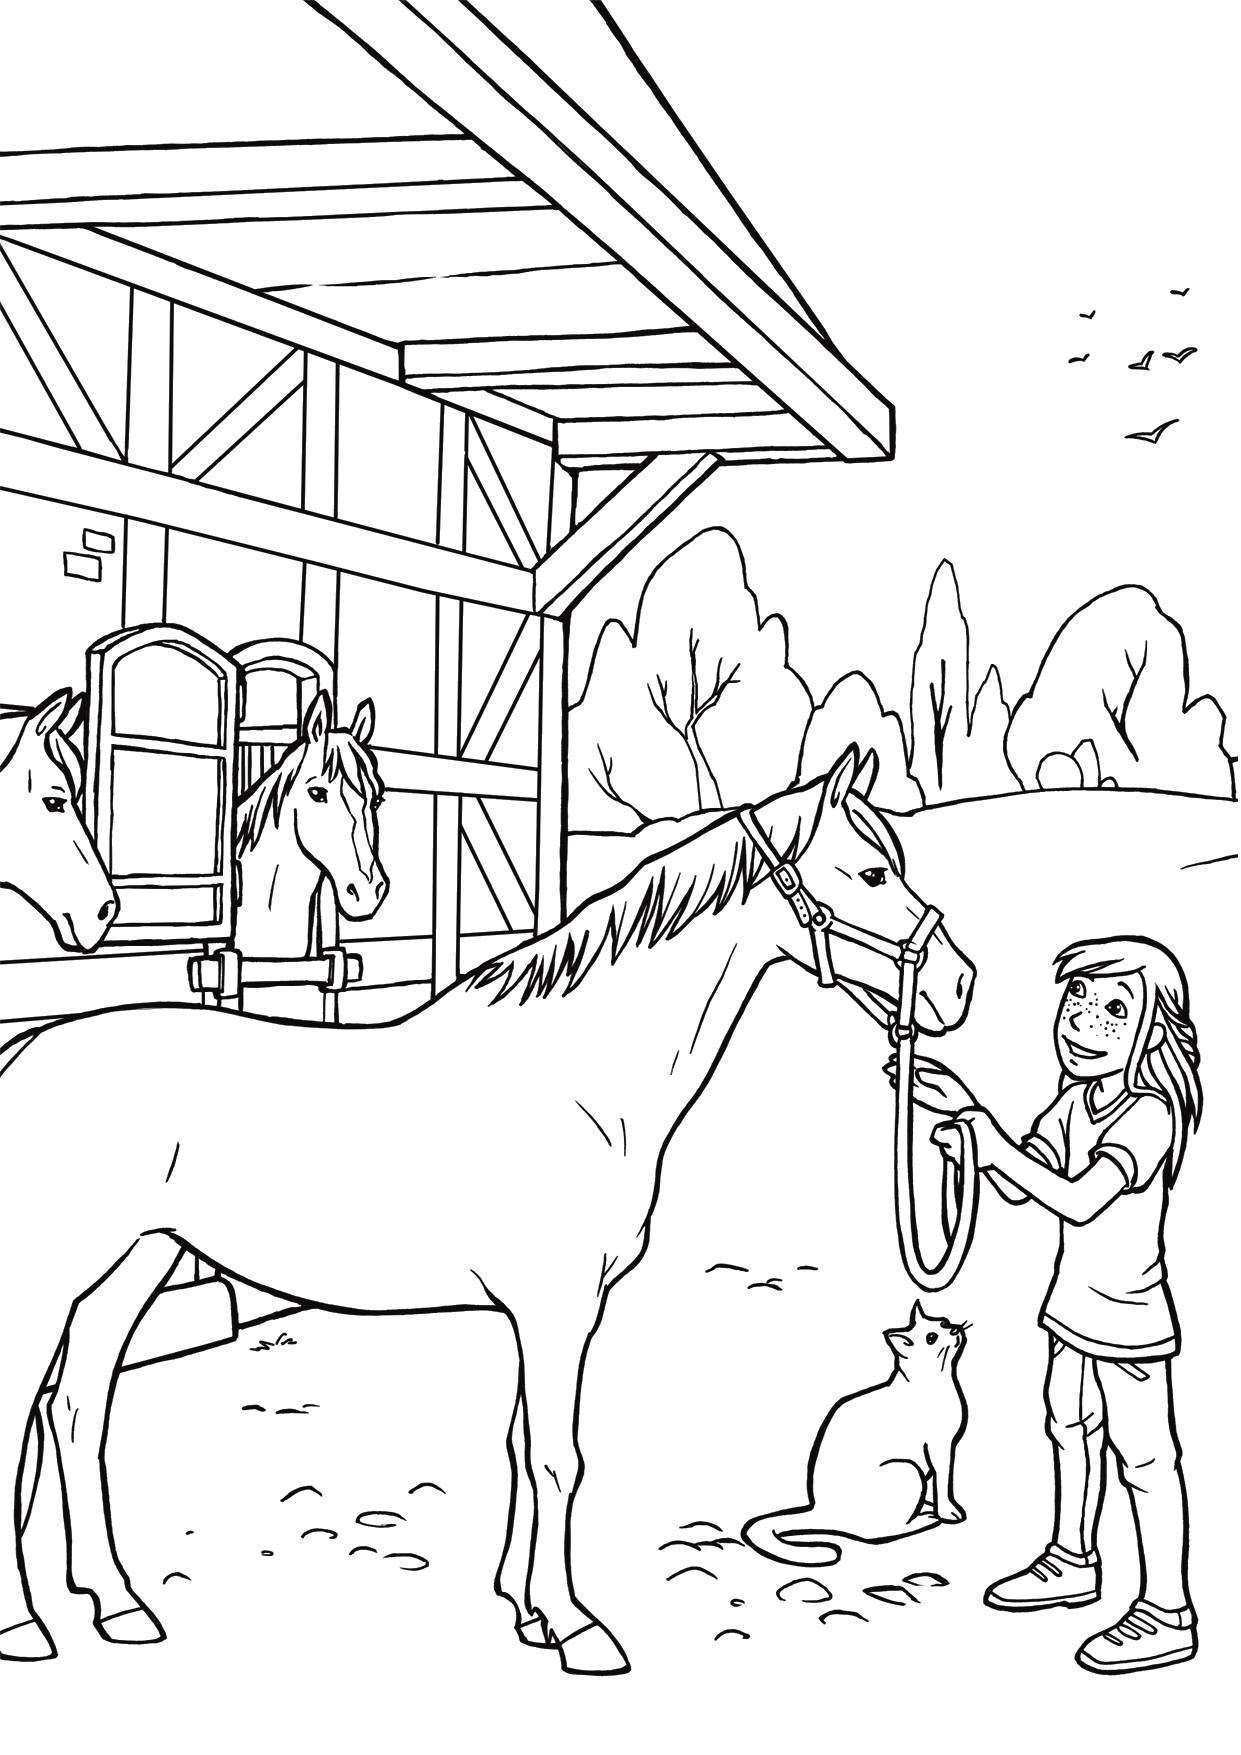 55 Einzigartig Kostenlose Ausmalbilder Pferde Zum Ausdrucken Ausmalbilder Pferde Zum Ausdrucken Ausmalbilder Pferde Malvorlagen Pferde